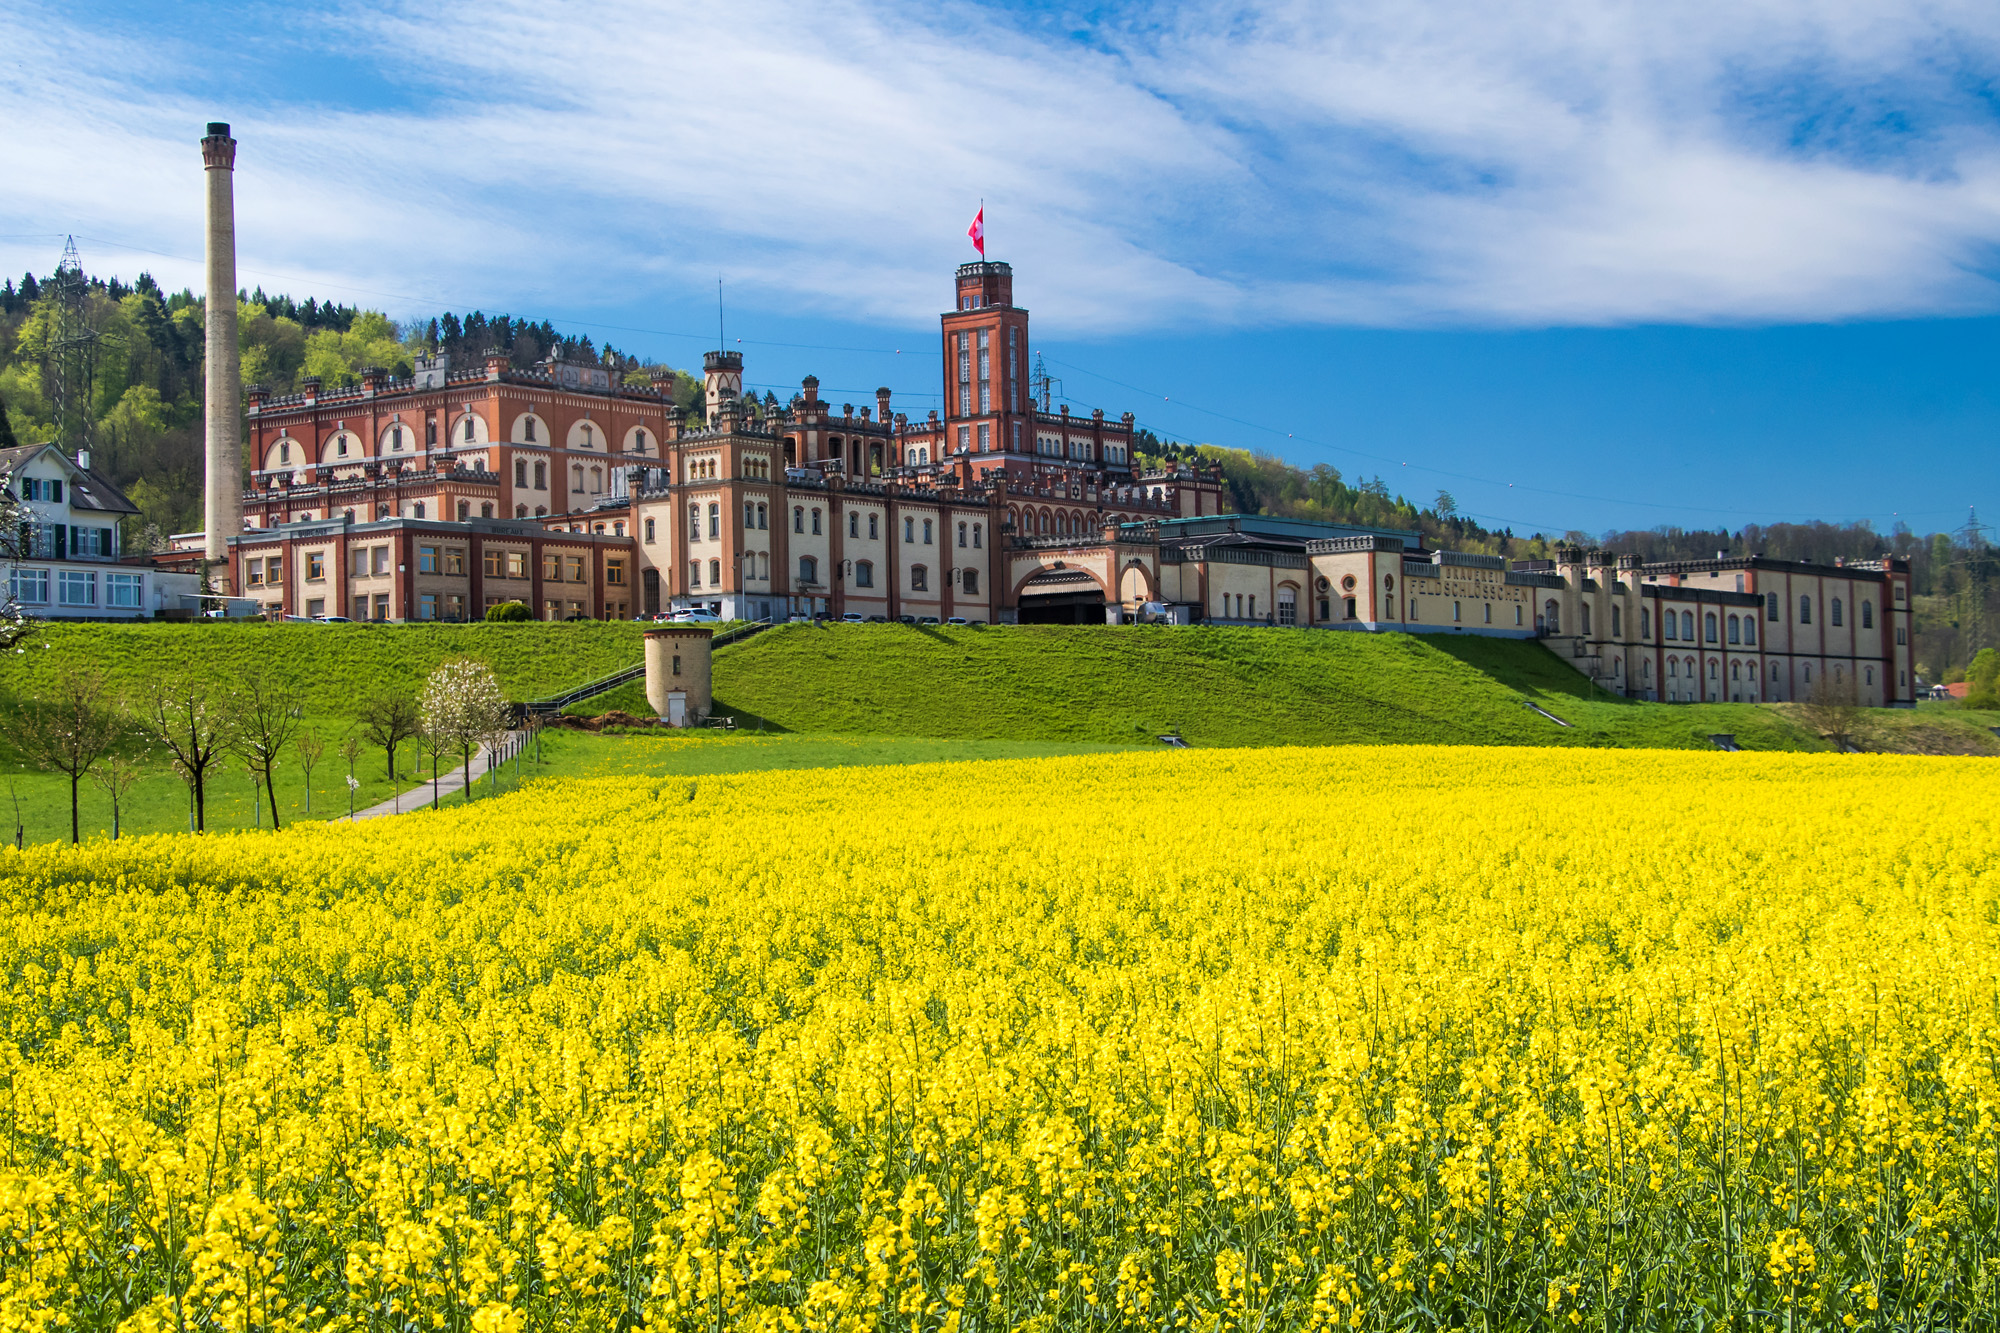 Das Feldschlösschen-Schloss Rheinfelden